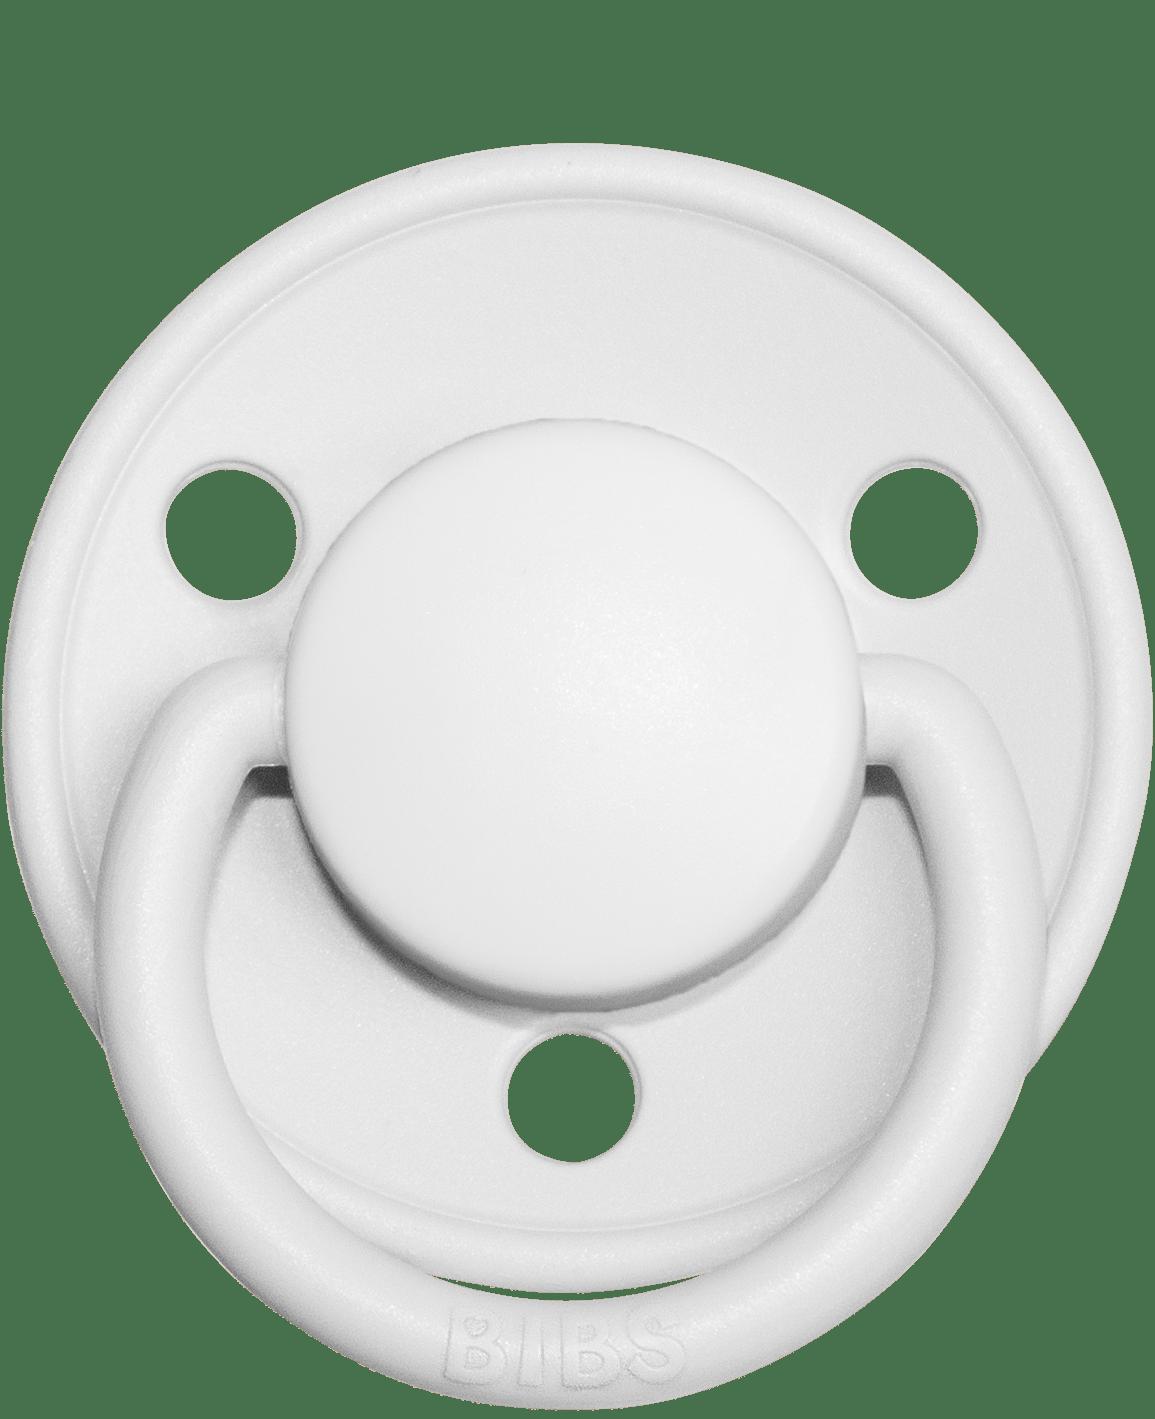 White-01 - Silicone